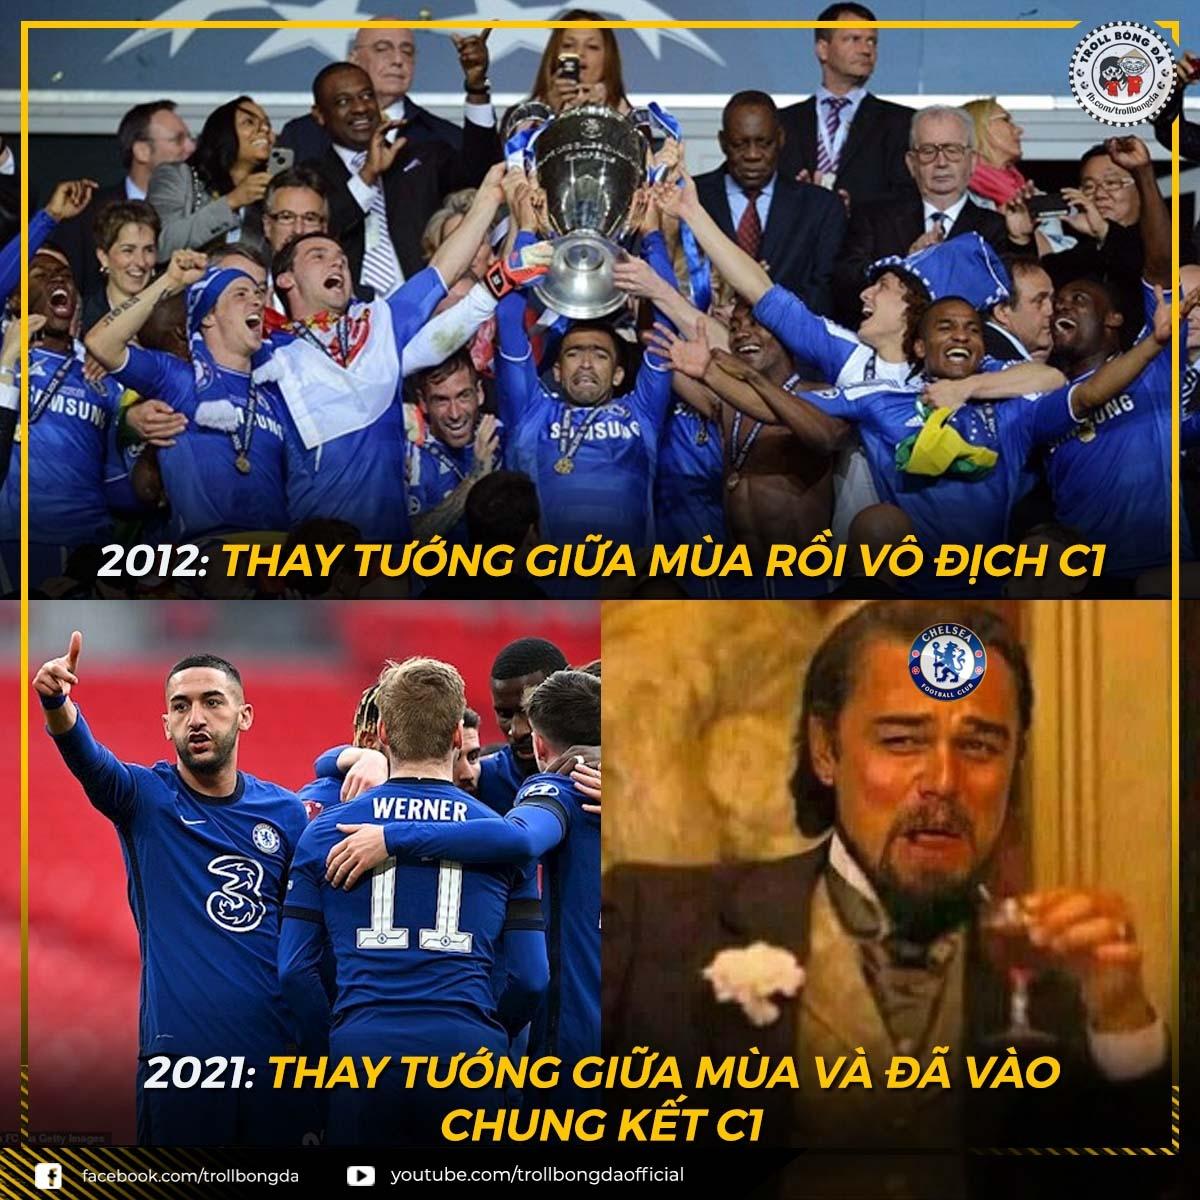 Liệu lịch sử có lặp lại với Chelsea? (Ảnh: Troll bóng đá).